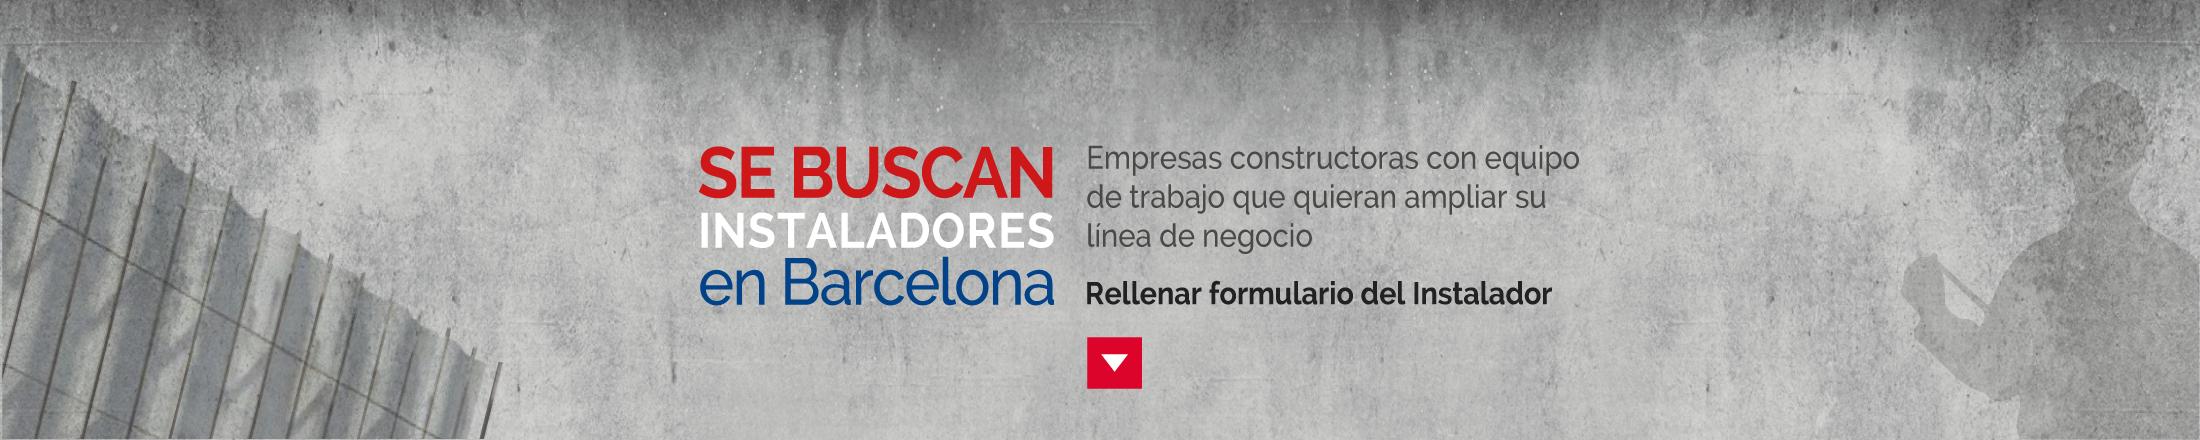 Baupanel - Se buscan empresas instaladoras de Baupanel en Barcelona